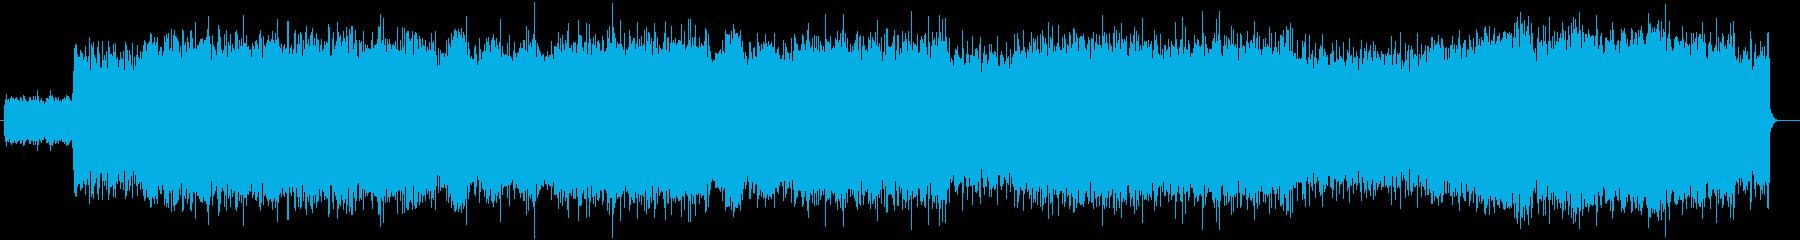 近未来感のあるエレクトロBGMの再生済みの波形